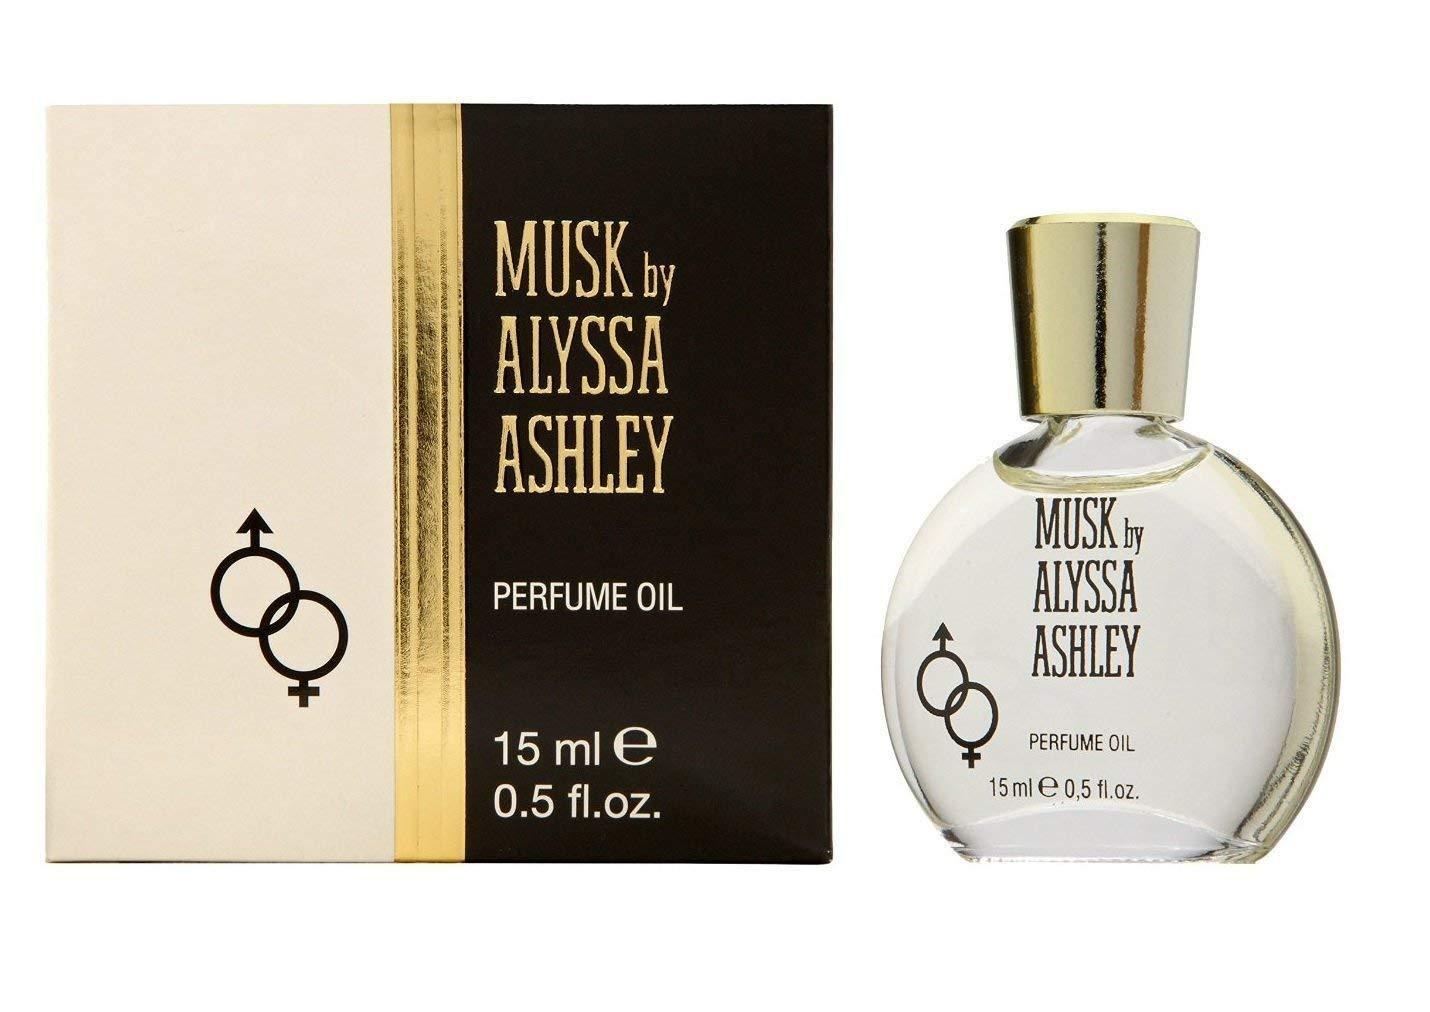 Alyssa Ashley - Aceite perfumado musk 15 ml alyssa ashkley: Amazon.es: Belleza